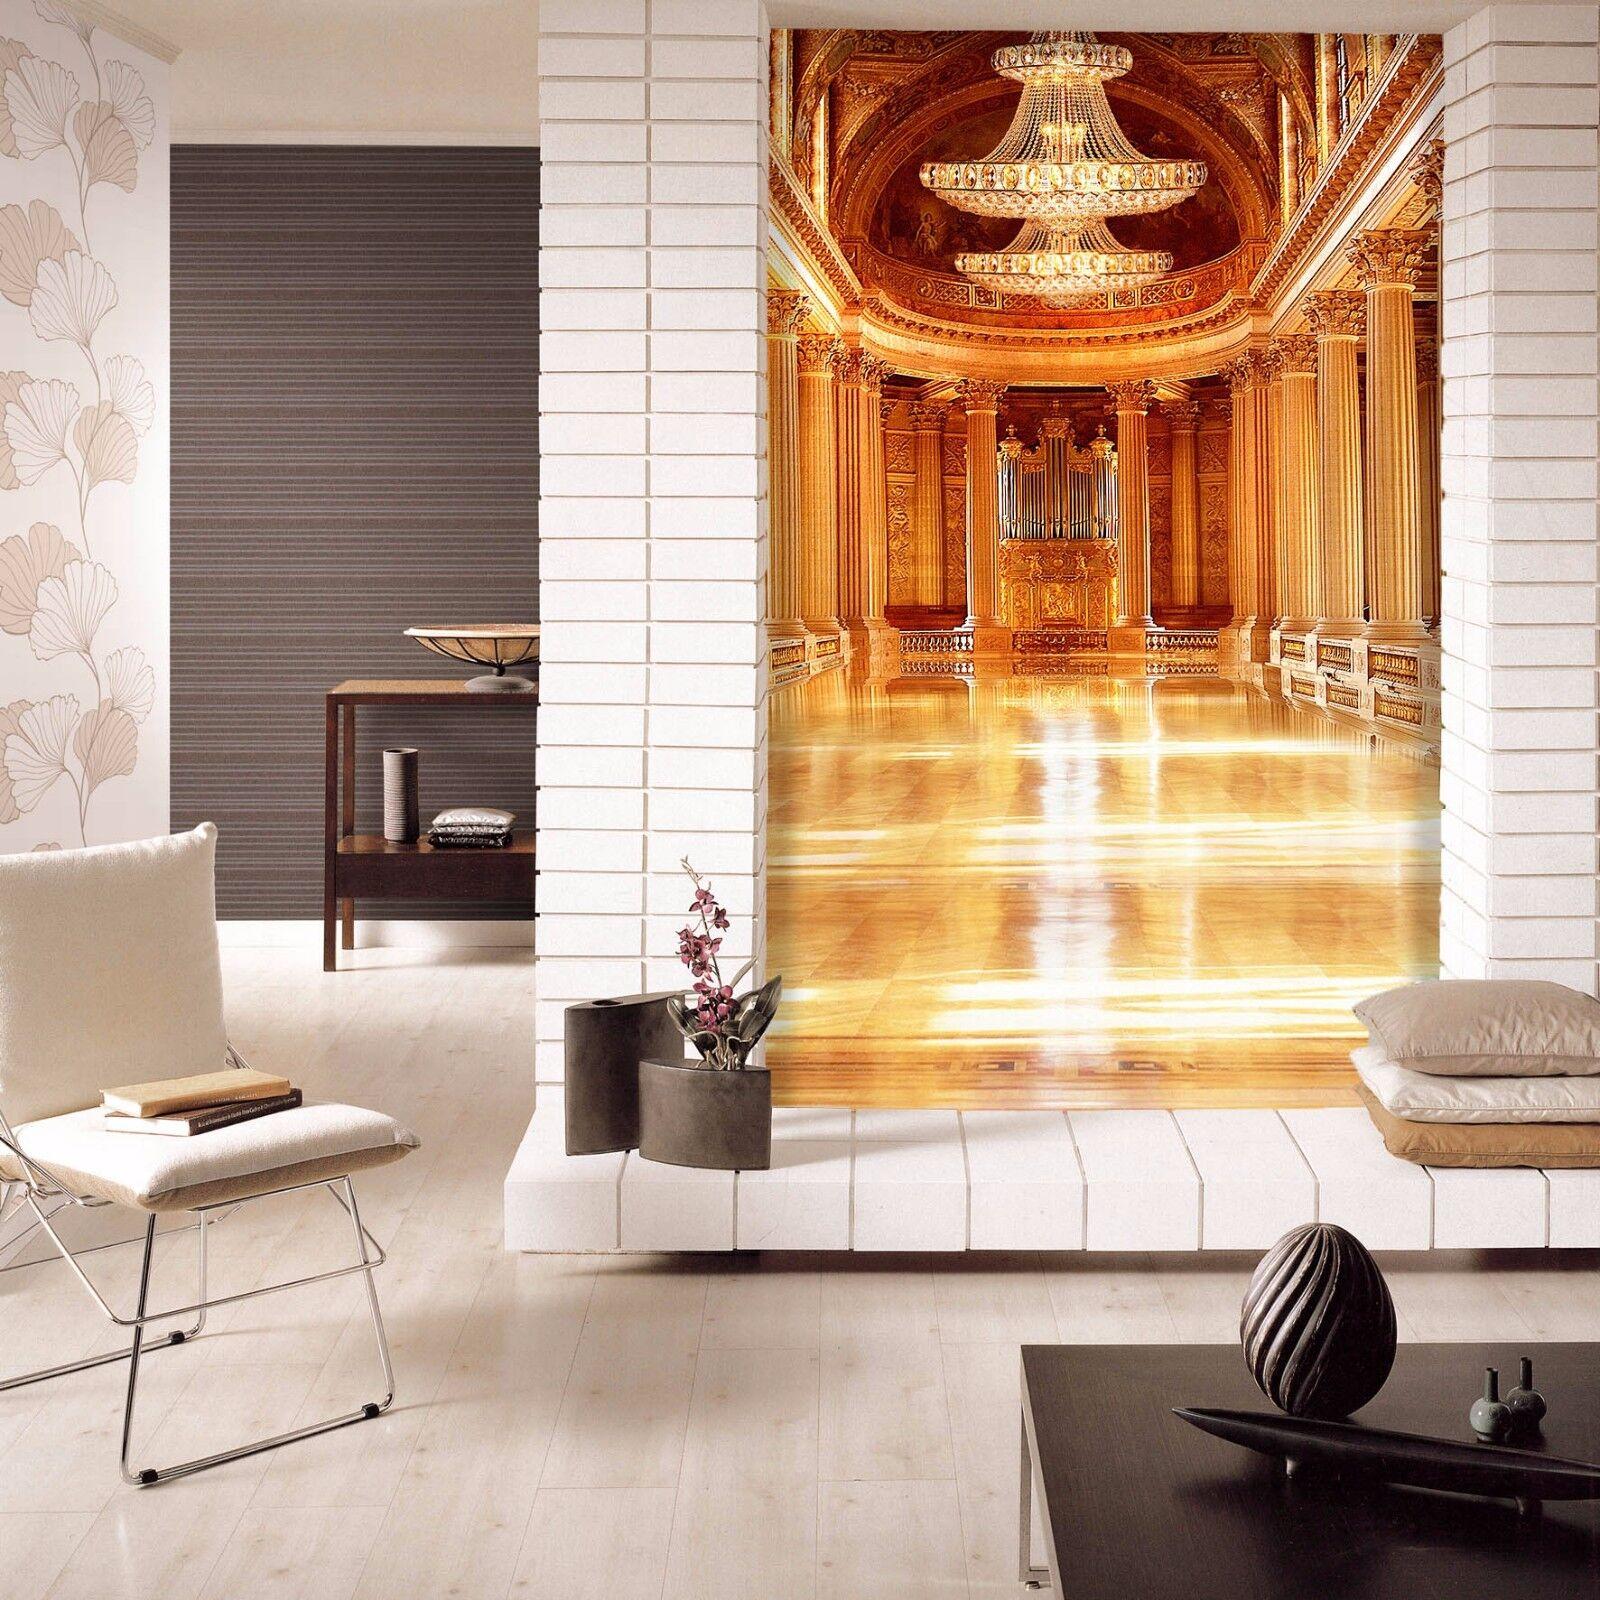 3D Prächtige Kirche 857 Tapete Wandgemälde Tapete Tapeten Bild Familie DE Summer | Qualität und Verbraucher an erster Stelle  | Sonderangebot  | Auf Verkauf